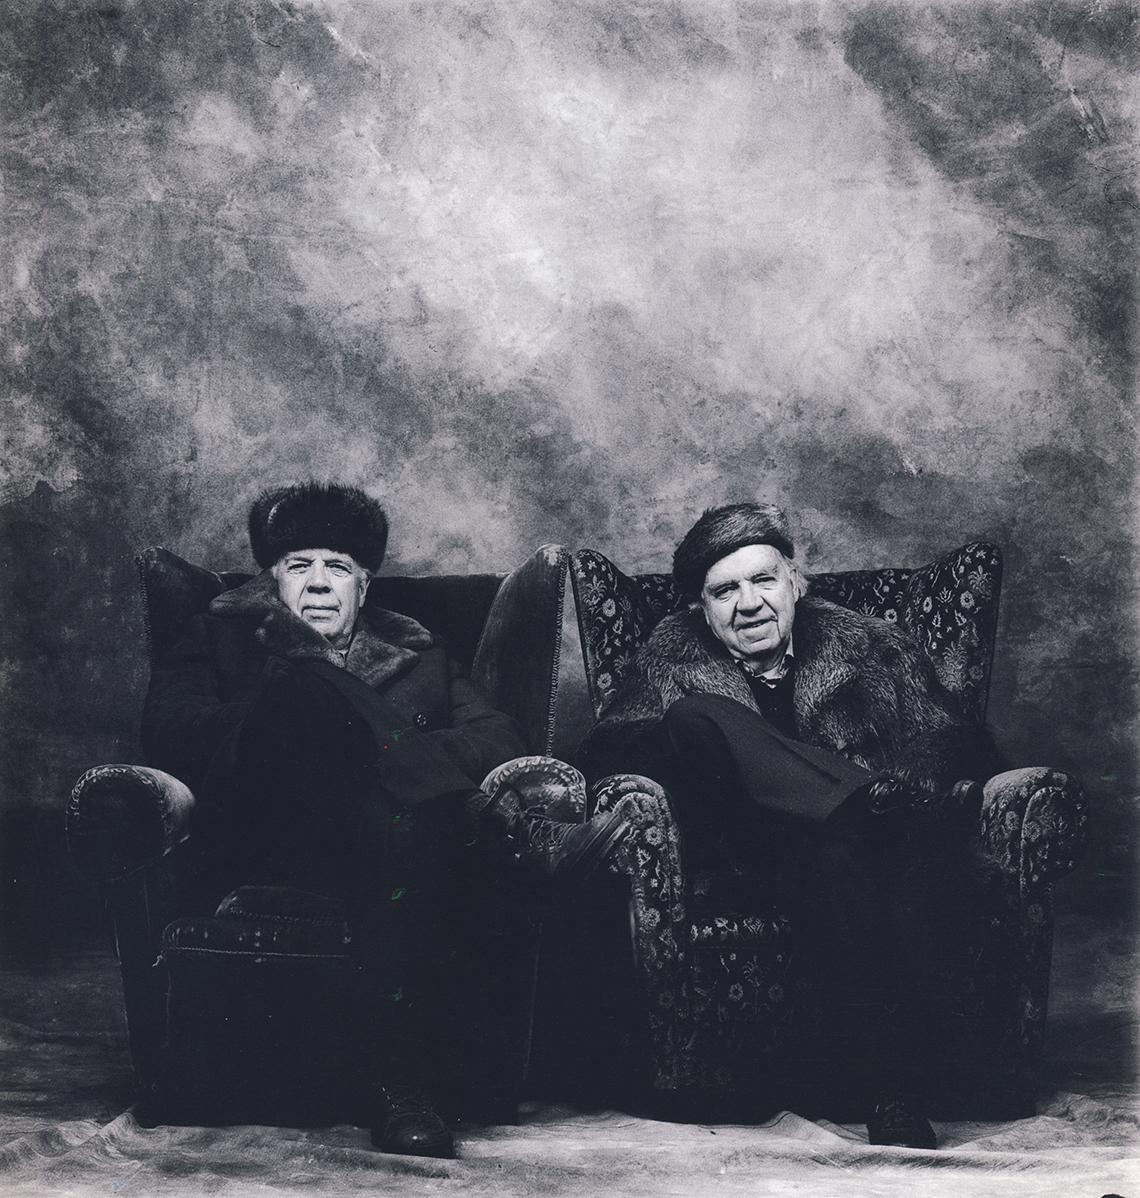 Lasse og Henki Kolstad, 1996. Foto: Morten Krogvold. Bildet er med i boken  100 portretter fra slutten av de første 100 år , utgitt av Norsk filminstitutt